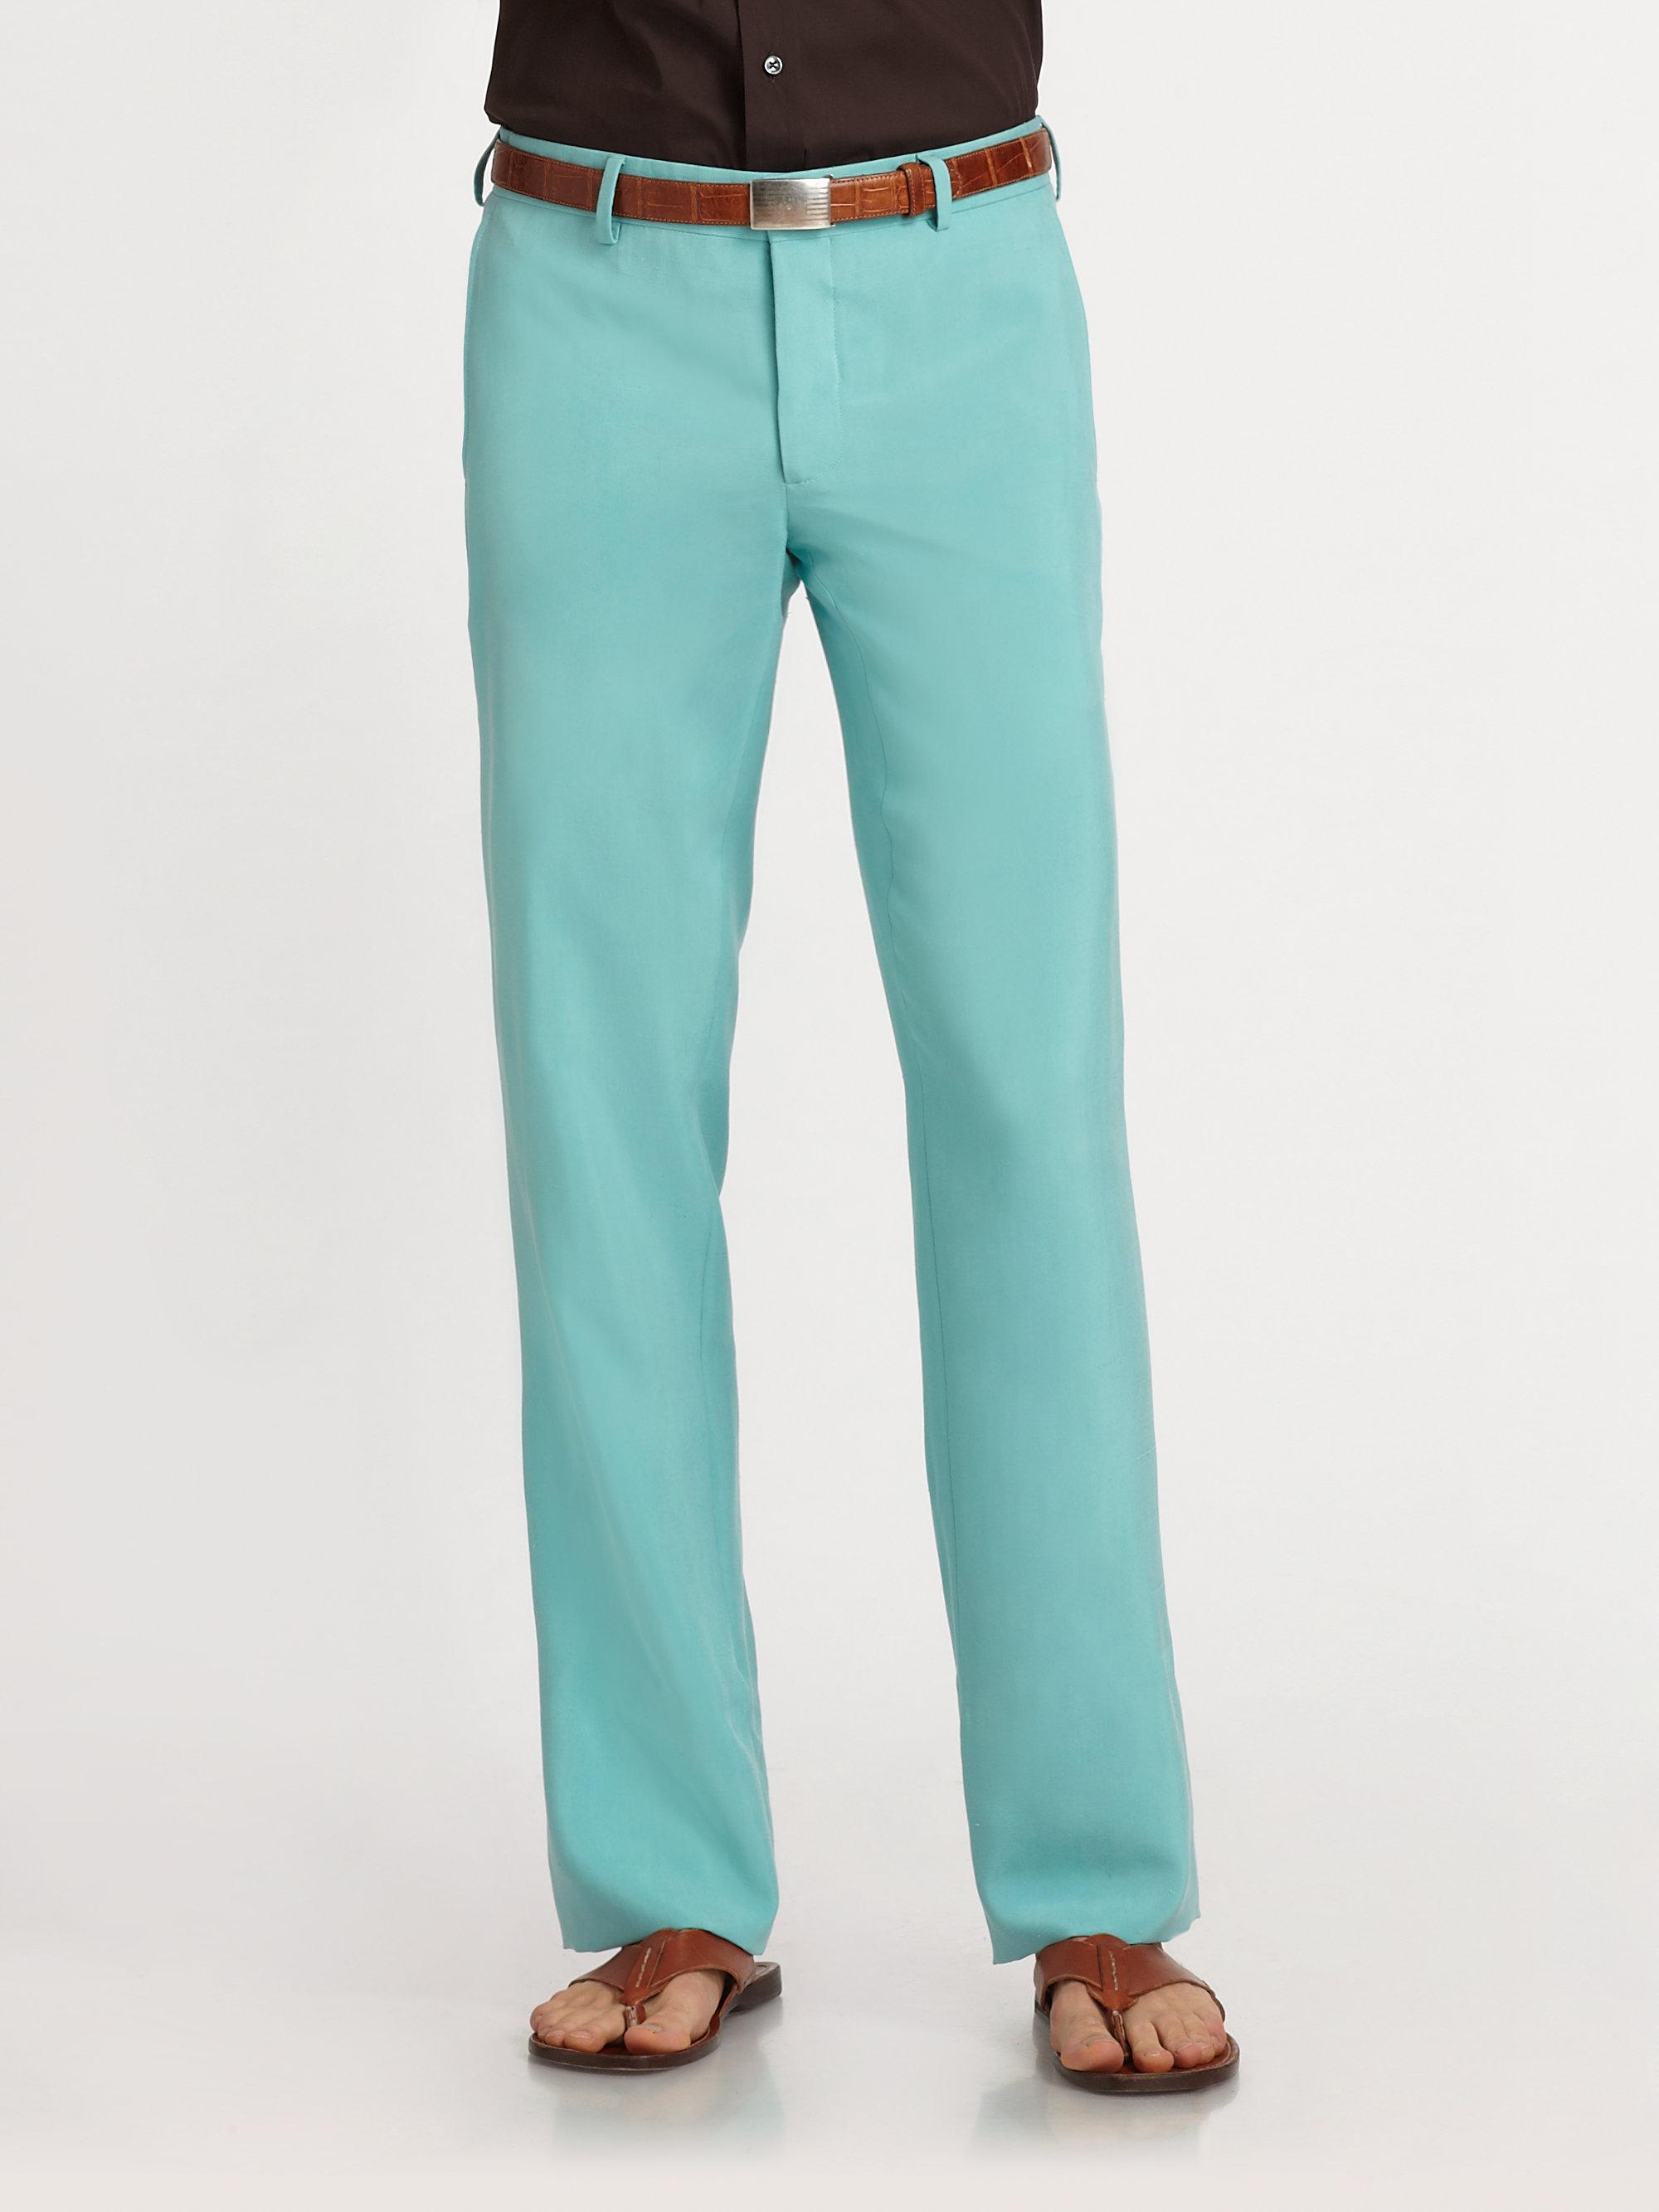 Lyst Ralph Lauren Black Label Milano Pants In Blue For Men